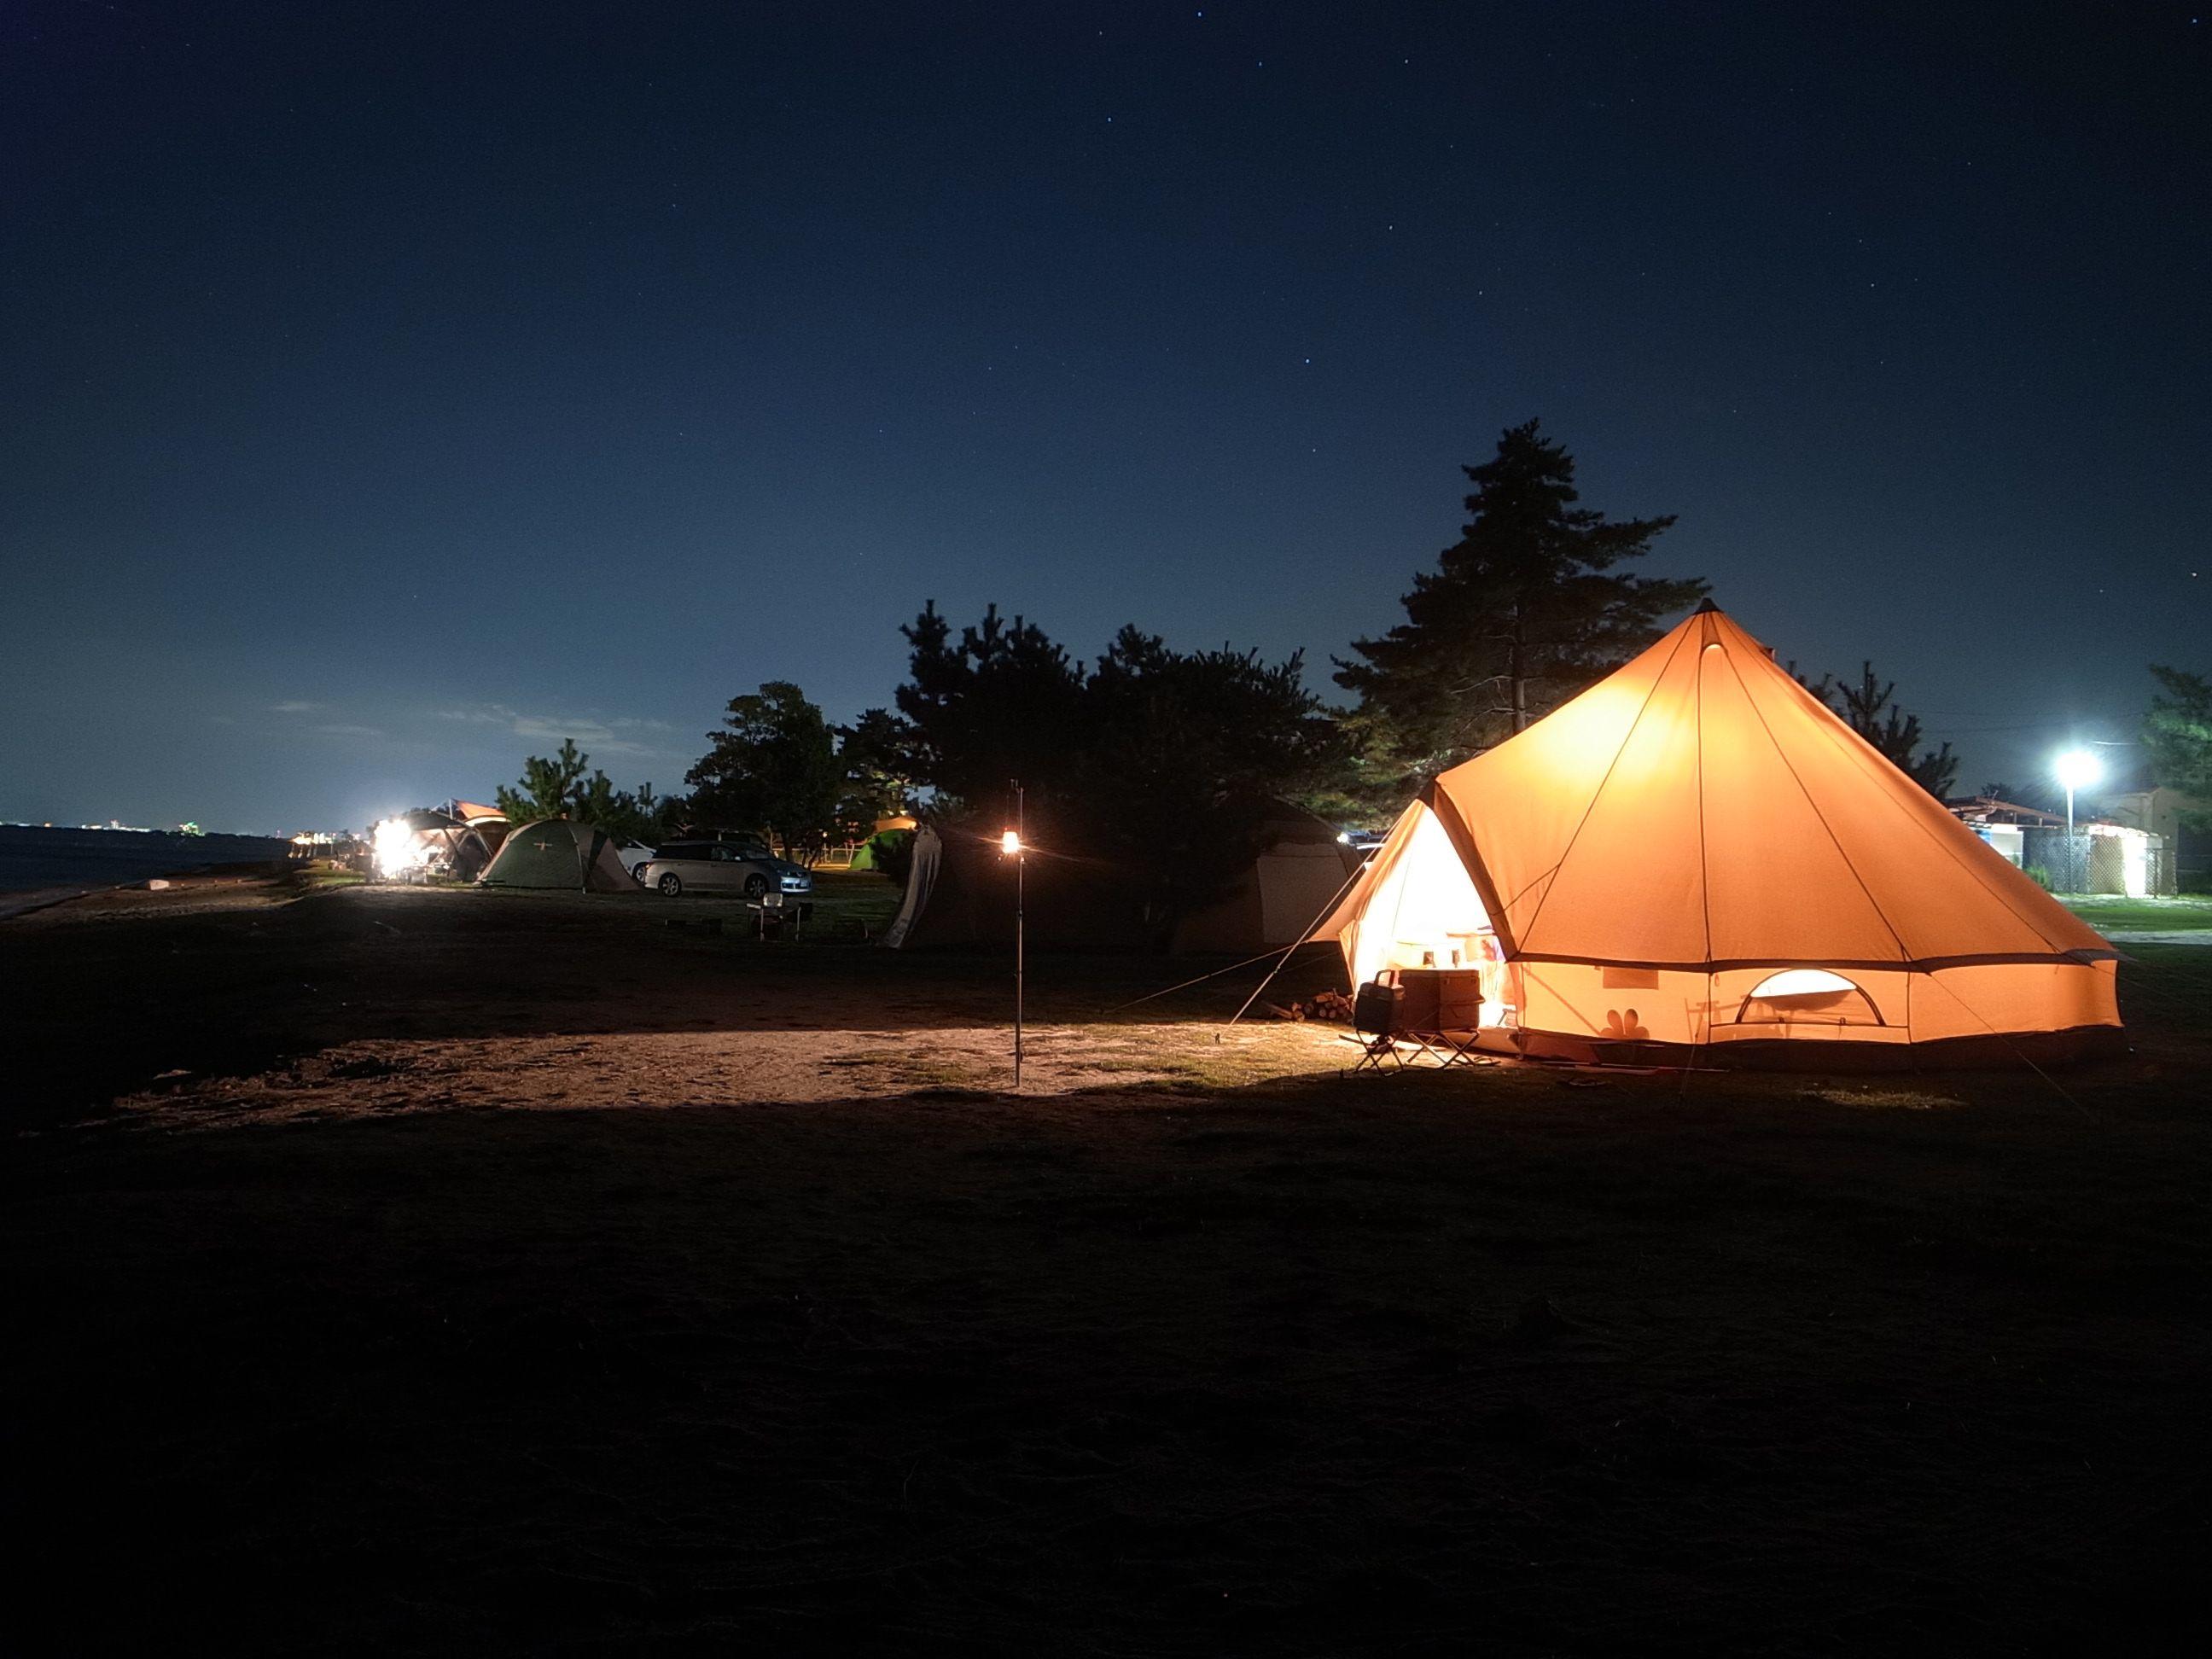 青柳浜キャンプ場 滋賀県大津市 キャンプ場前はびわ湖 水泳場 大津 キャンプ キャンプ場